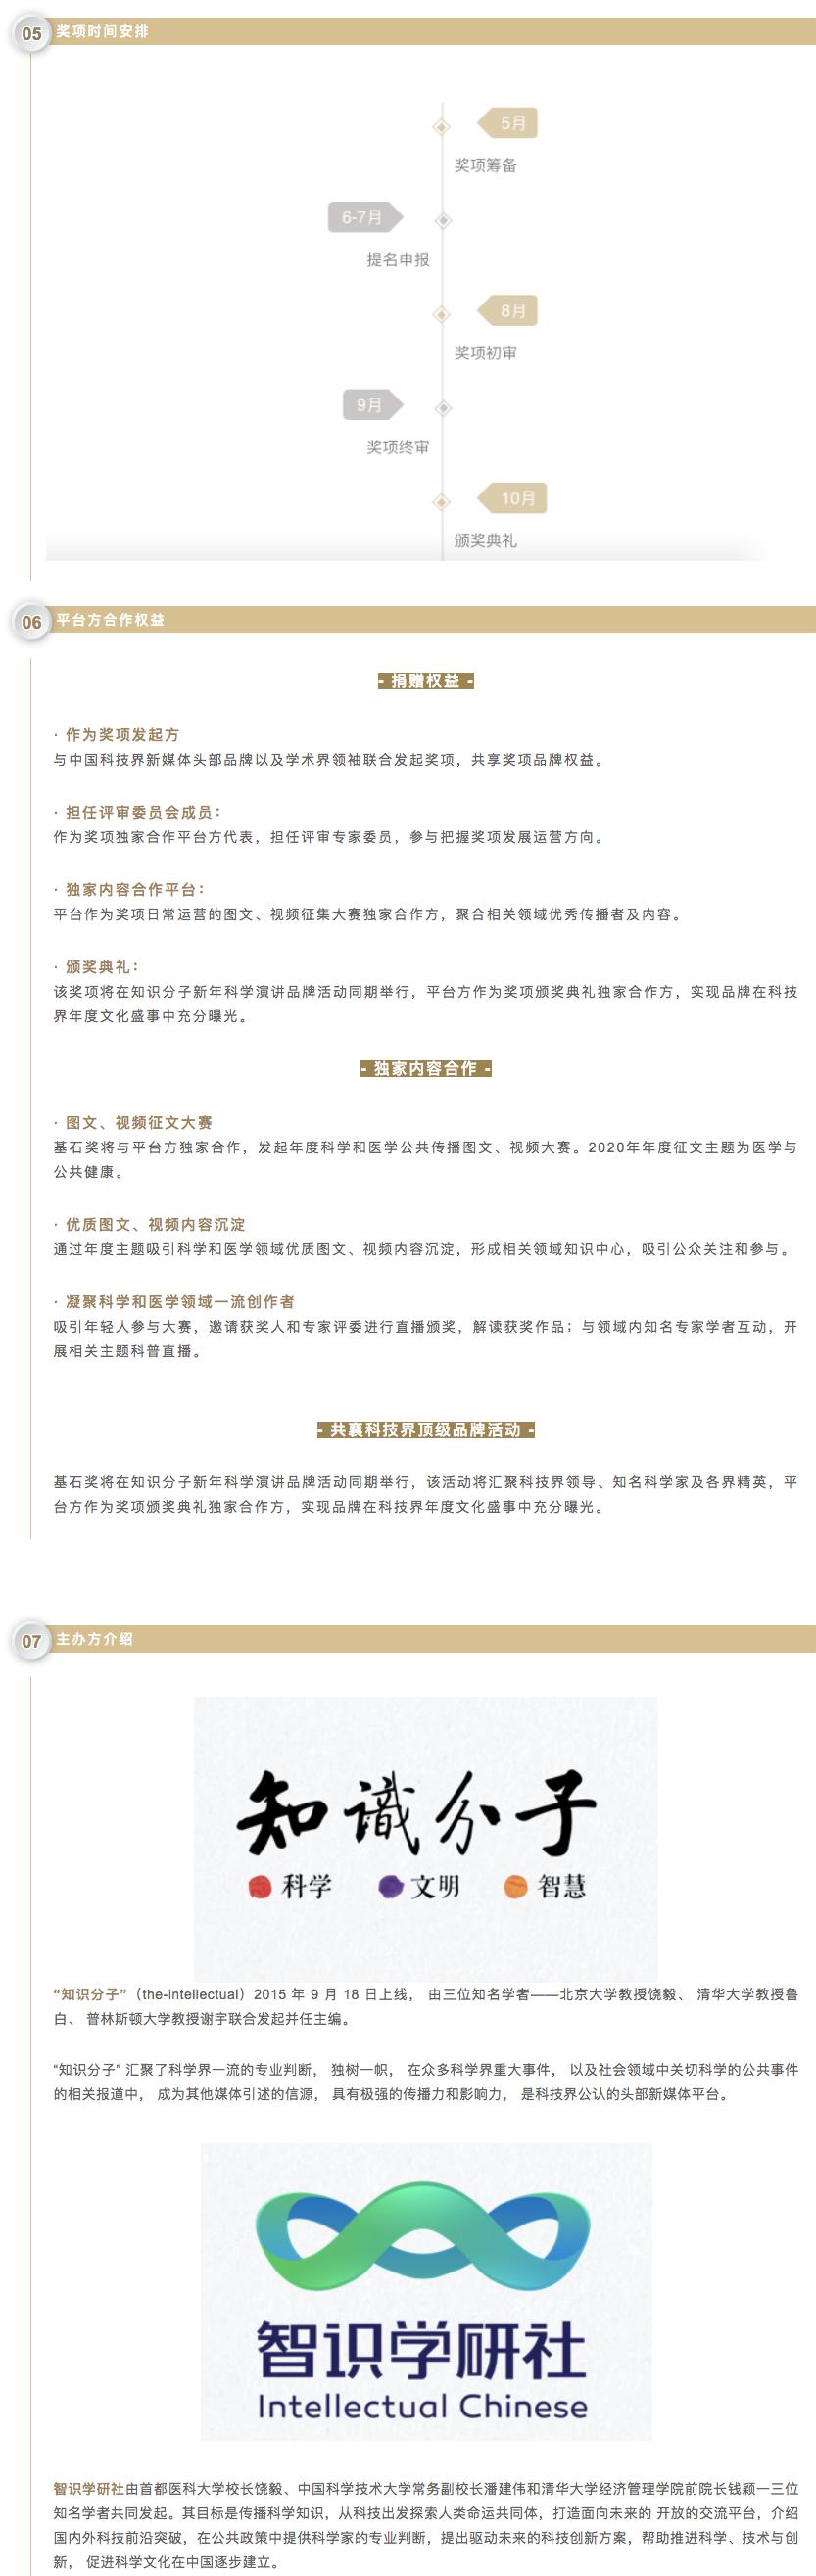 FireShot Capture 008 - 基石奖简介-专题-知识分子 - www.zhishifenzi.com